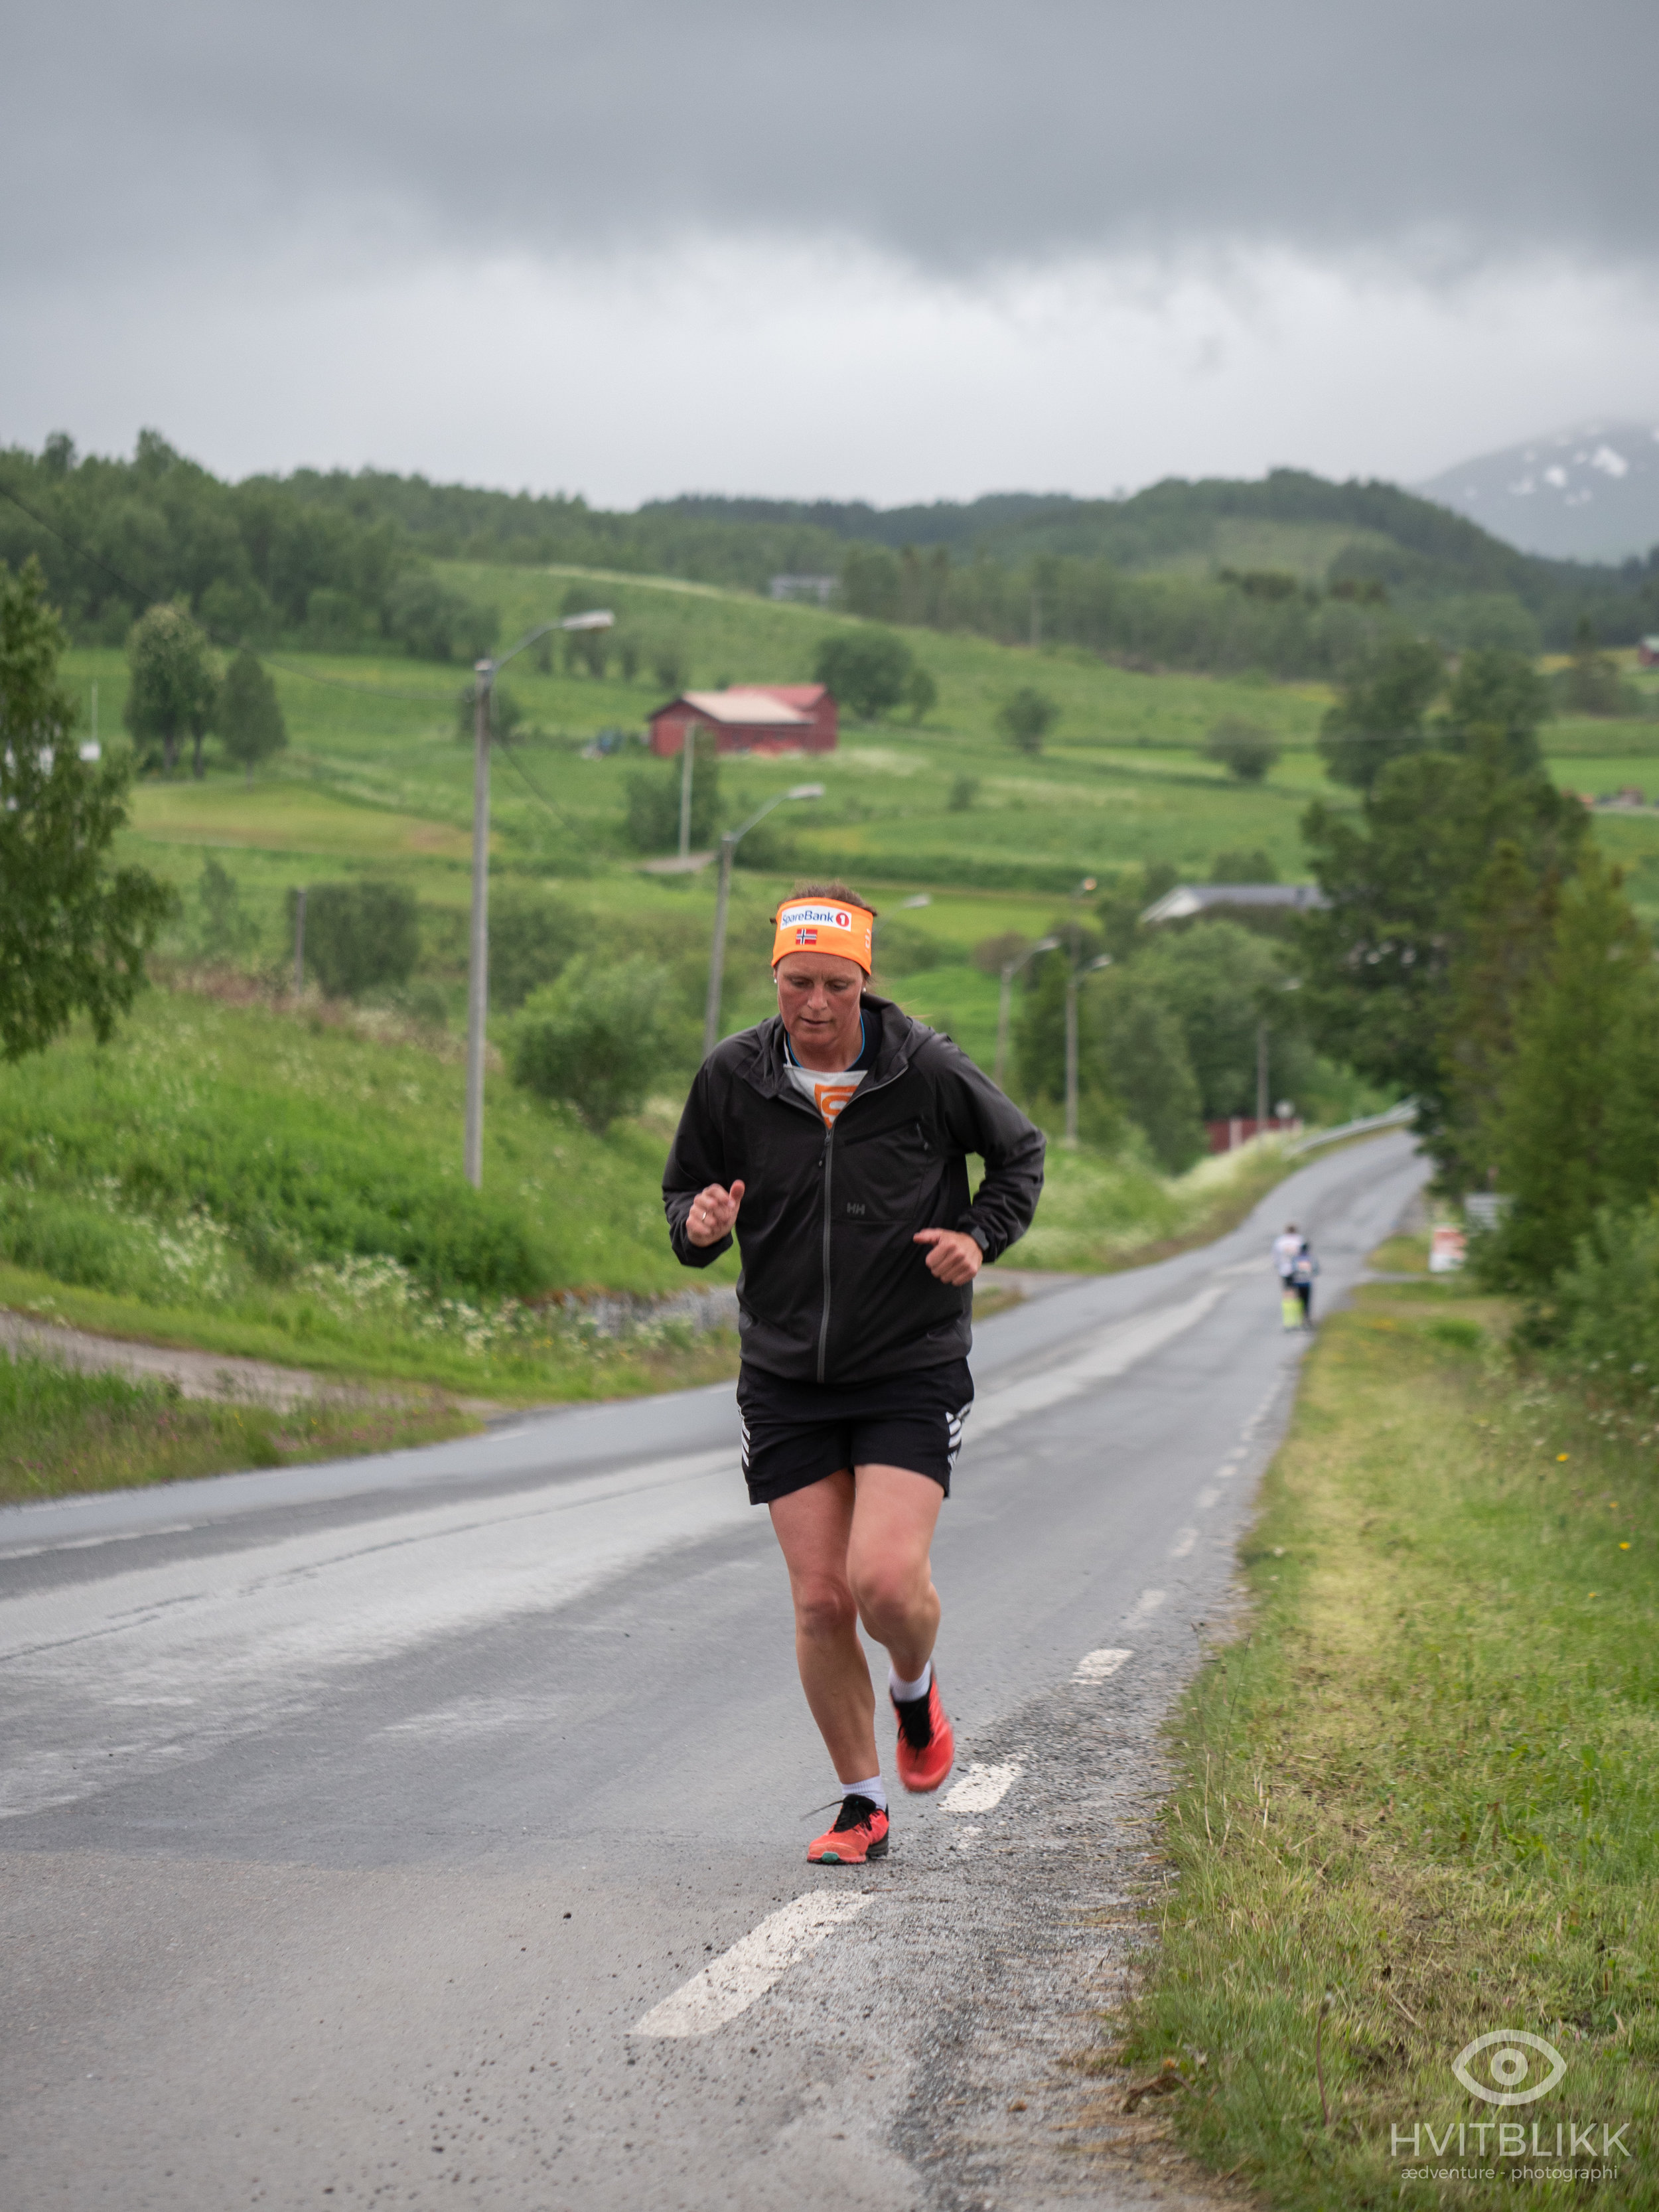 Ellingjord-Hvitblikk_20190621NOR3434.jpg